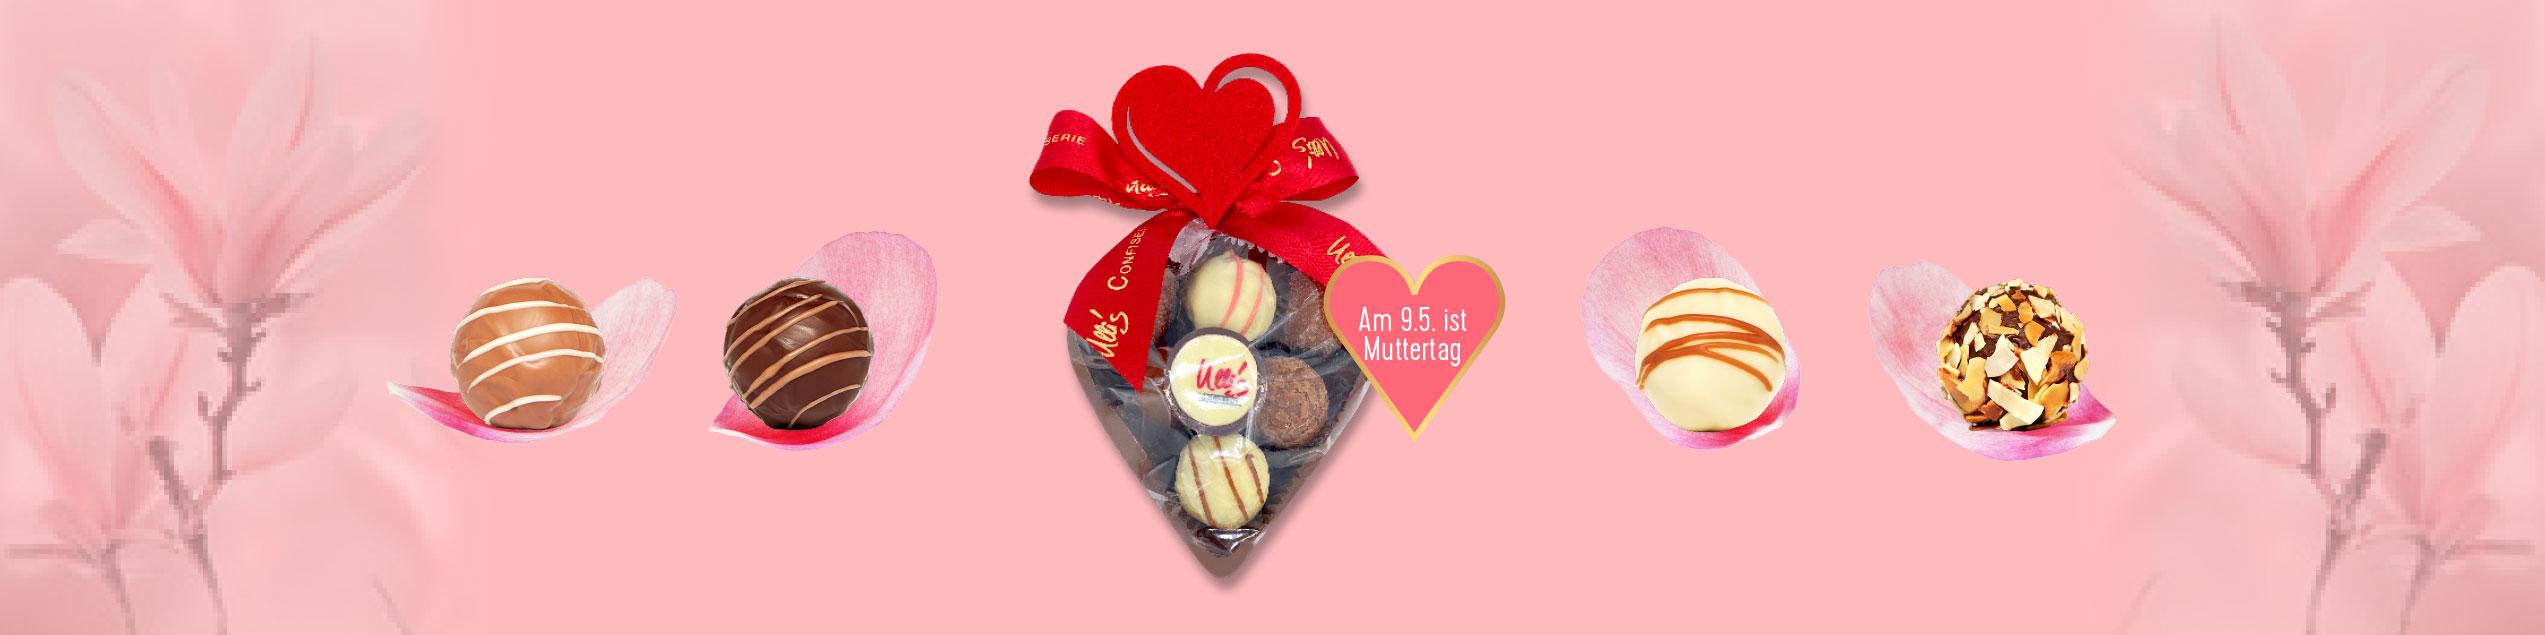 Muttertag handgemachte Schokolade und Pralinen